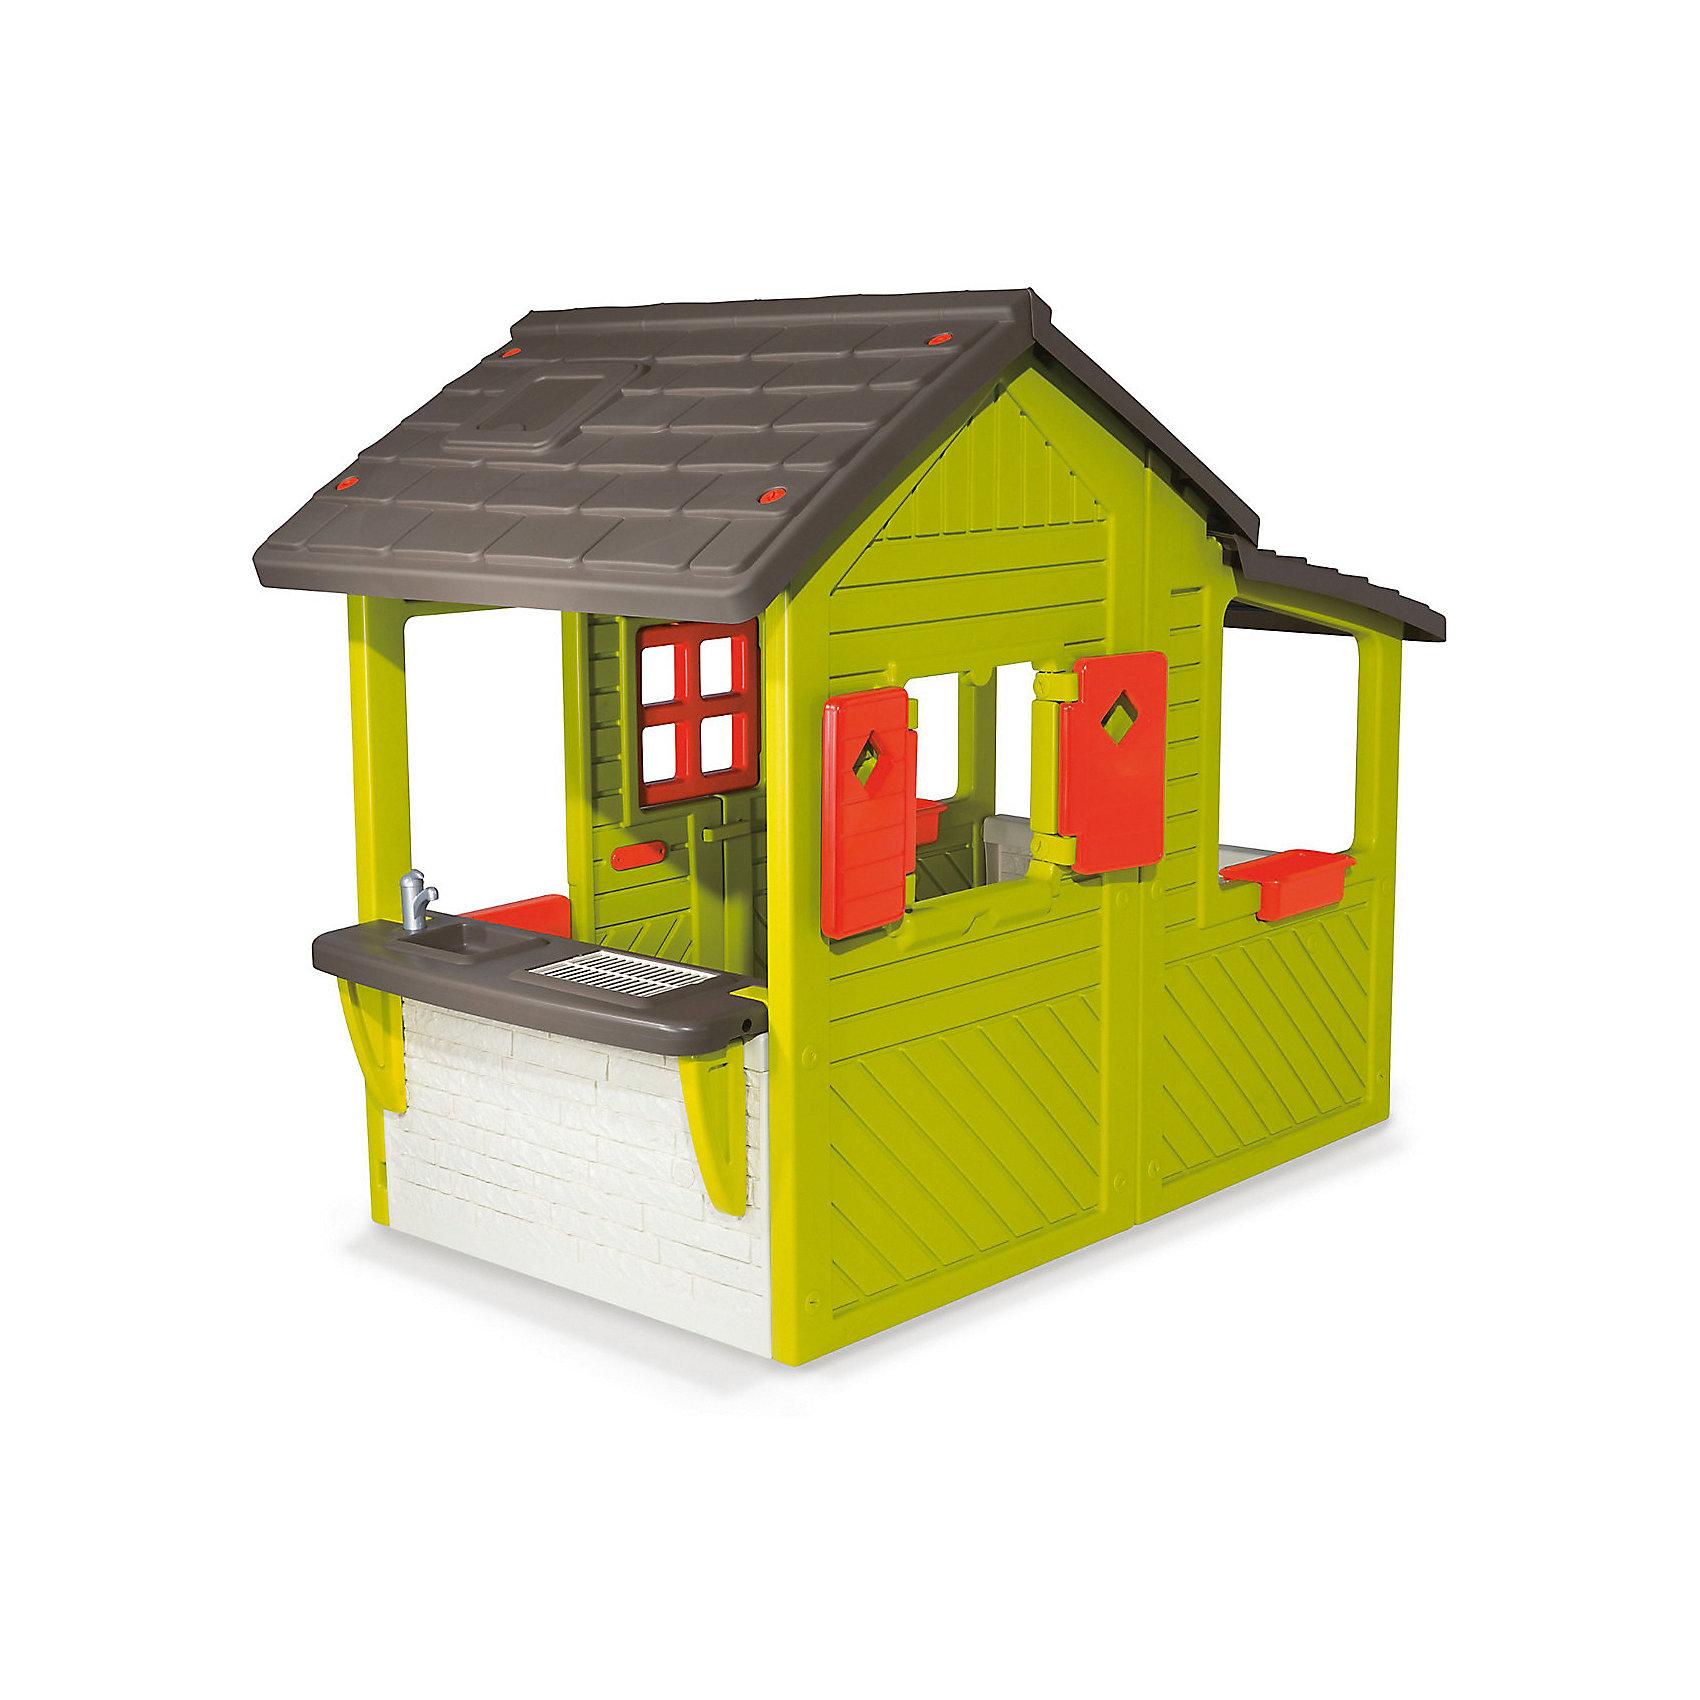 Домик садовода 2015, SmobyДомики и мебель<br>Характеристики:<br><br>• устойчив к УФ-лучам и морозу;<br>• все окна и ставни открываются;<br>• легко моется;<br>• размер домика: 109х185х148 см;<br>• материал: пластик;<br>• высота дверного проёма: 95 см;<br>• высота стены с раковиной: 52 см;<br>• батарейки: ААА - 2 шт. (не входят в комплект);<br>• размер упаковки: 144х40х87 см;<br>• вес: 31 кг.<br><br>Домик садовода от Smoby предназначен для игр на детской площадке, дачном или загородном участке. Конструкция представляет собой вместительный дом с открывающимися дверями и ставнями. Чтобы разнообразить игры ребенка, в конструкции домика предусмотрены подоконники, раковина, гриль и электрический звонок.<br><br>Войти в дом можно с помощью ворот. На воротах расположено специальное отверстие для почты. Крыша домика напоминает настоящую черепичную крышу, а сам дом для большей реалистичности выполнен под дерево.<br><br>Игрушечная раковина и гриль позволят ребенку устроить веселый пикник для друзей и любимых игрушек. В лотке для цветов можно посадить настоящие цветы или травы, чтобы научить ребенка ухаживать за растениями.<br><br>Домик изготовлен из высококачественного пластика. Он устойчив к морозам и выдерживает жару, сохраняя яркость цвета. Конструкция не деформируется и легко очищается от загрязнений. <br><br>Размер домика - 109х185х148 сантиметров. Для работы звонка необходимы 2 батарейки ААА (не входят в комплект).<br><br>Домик садовода 2015, Smoby (Смоби) можно купить в нашем интернет-магазине.<br><br>Ширина мм: 1430<br>Глубина мм: 830<br>Высота мм: 380<br>Вес г: 31850<br>Возраст от месяцев: 36<br>Возраст до месяцев: 2147483647<br>Пол: Унисекс<br>Возраст: Детский<br>SKU: 6896474